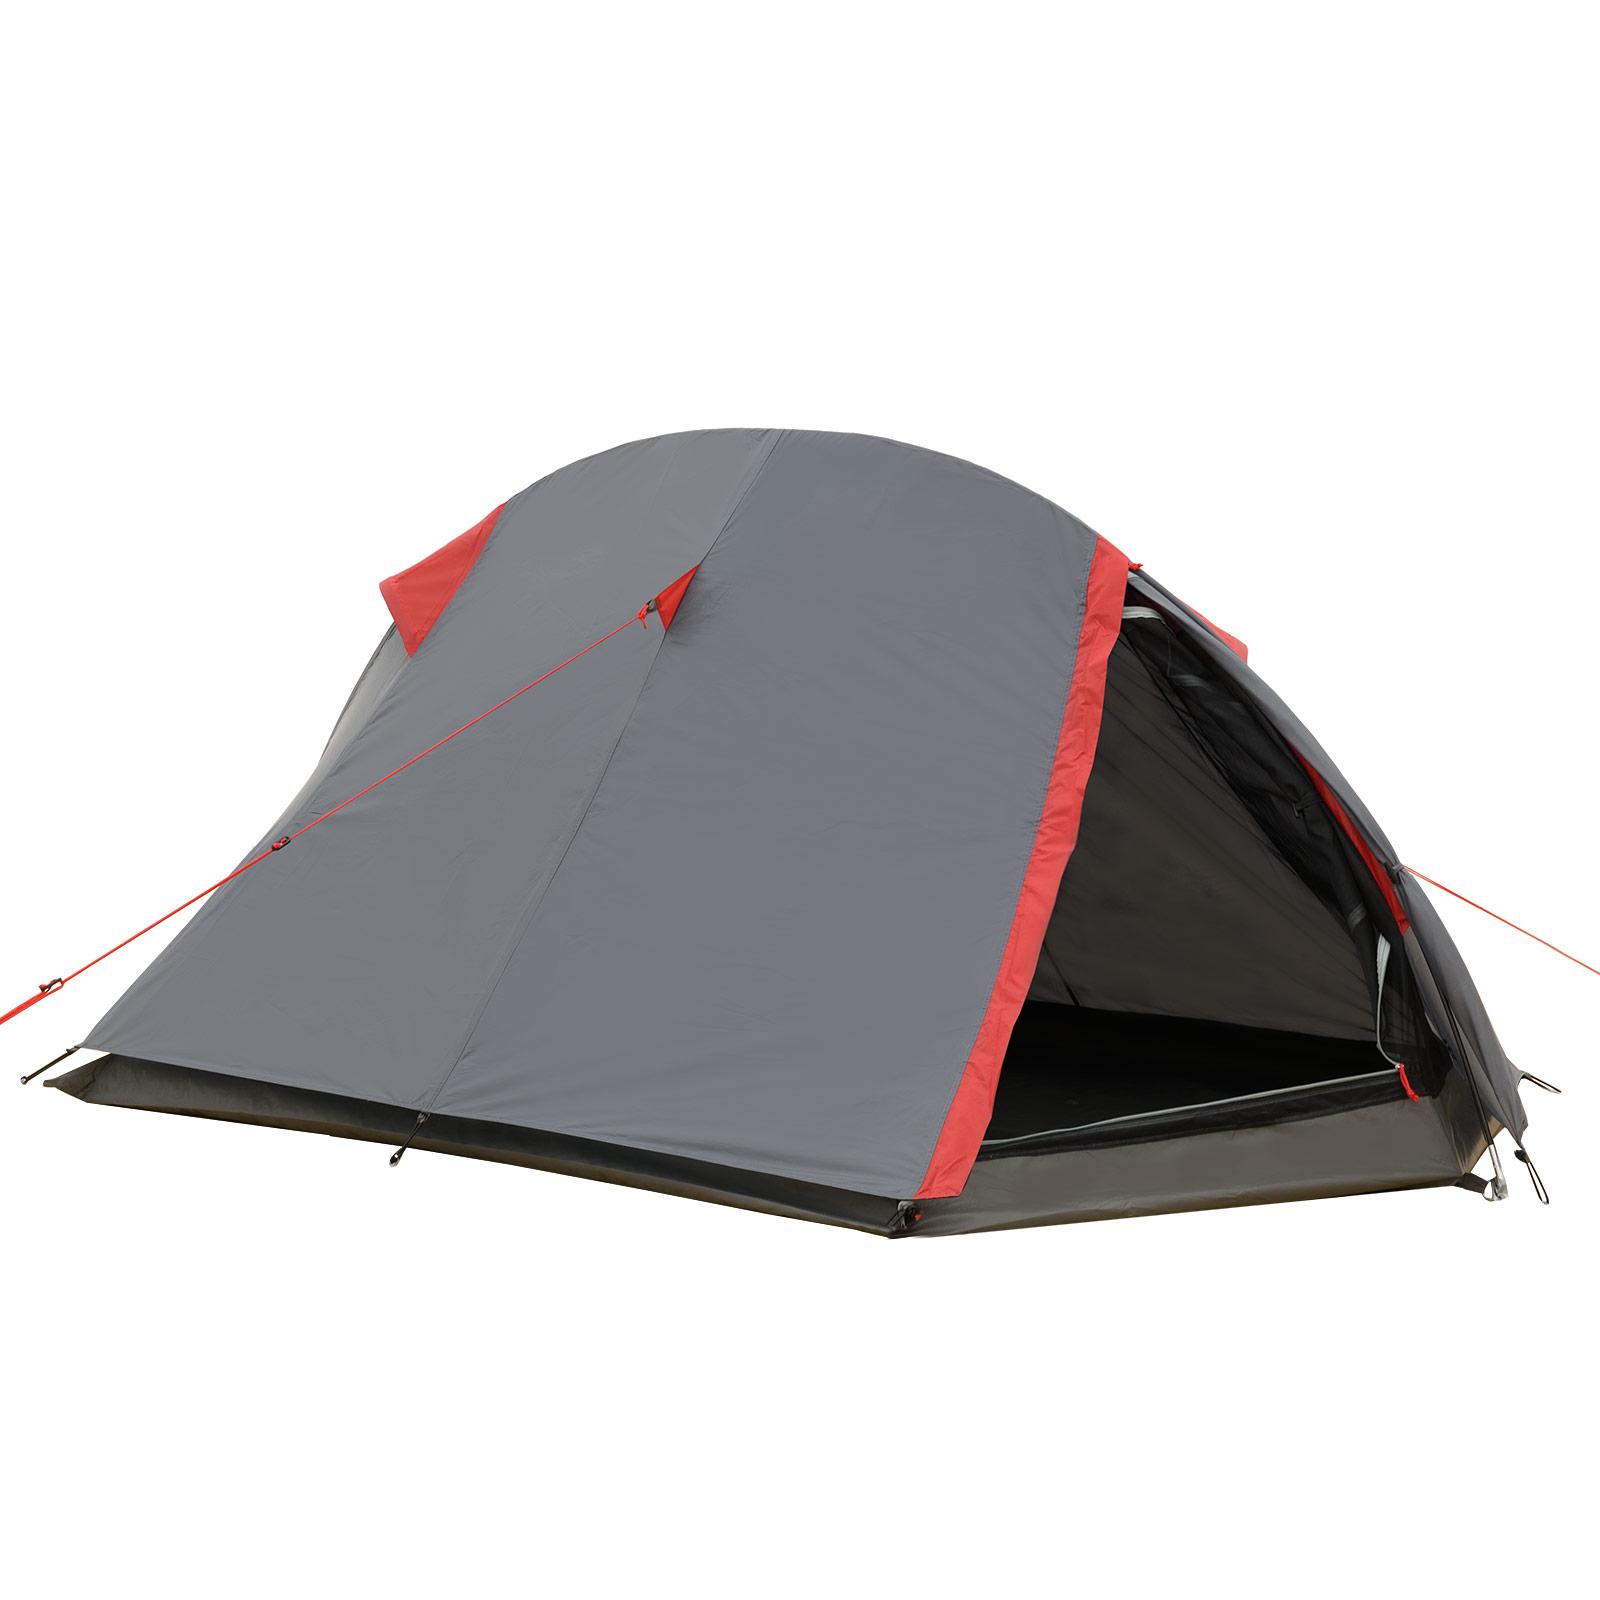 Trekkingzelt JUSTCAMP Fargo 1-2 Personen Zelt Einbogenzelt leichtes Tunnelzelt